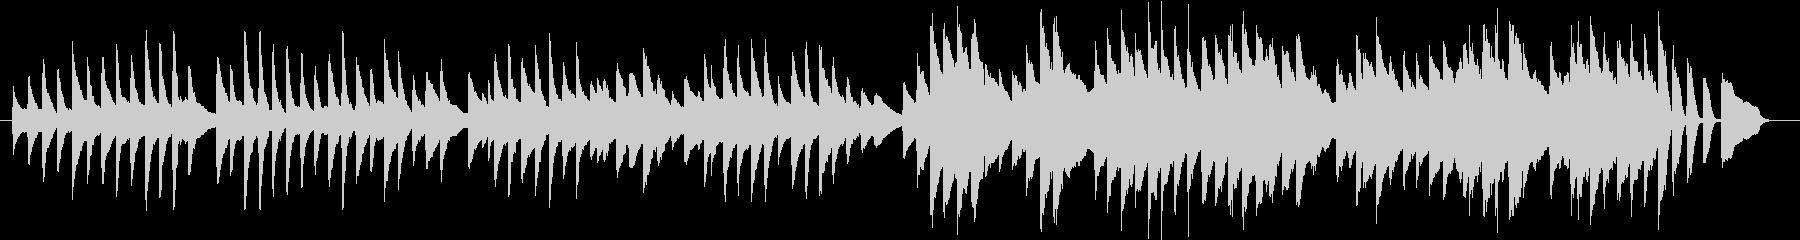 アルプス一万尺(ピアノカバー)の未再生の波形